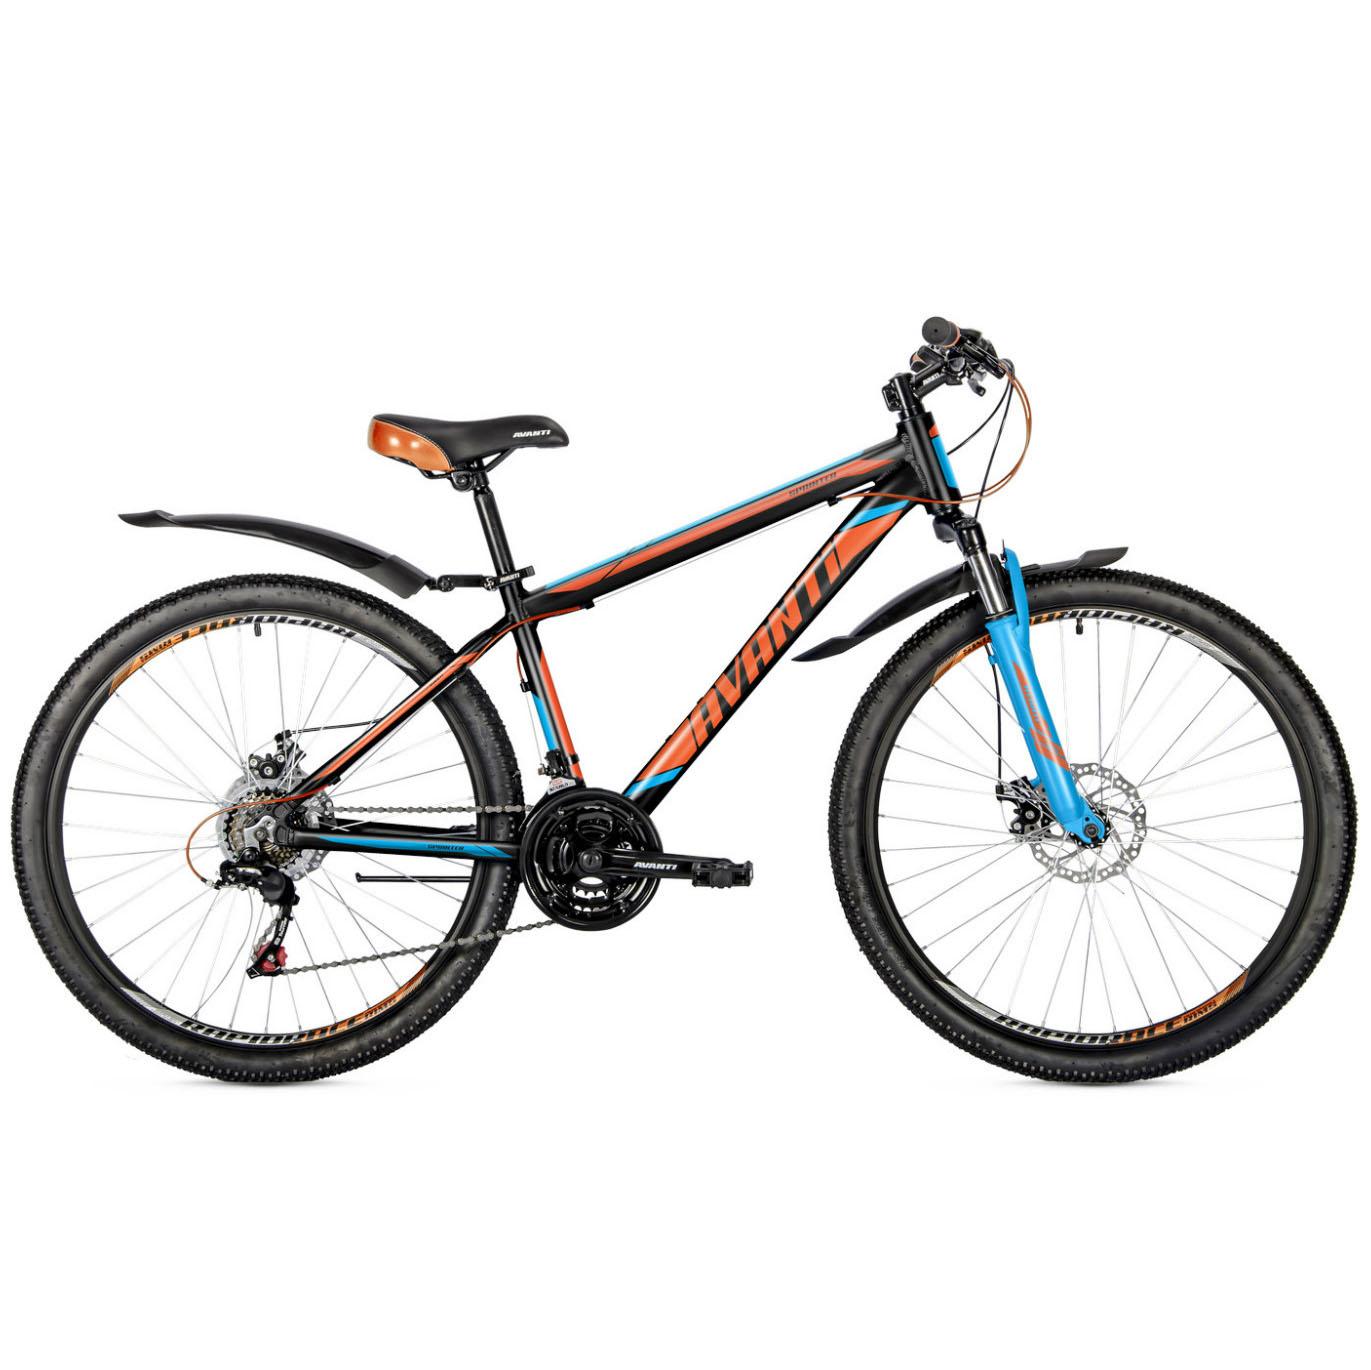 Фото Горный Велосипед   29 Avanti Sprinter disk 2018 Lock Out черно-оранжево-синий